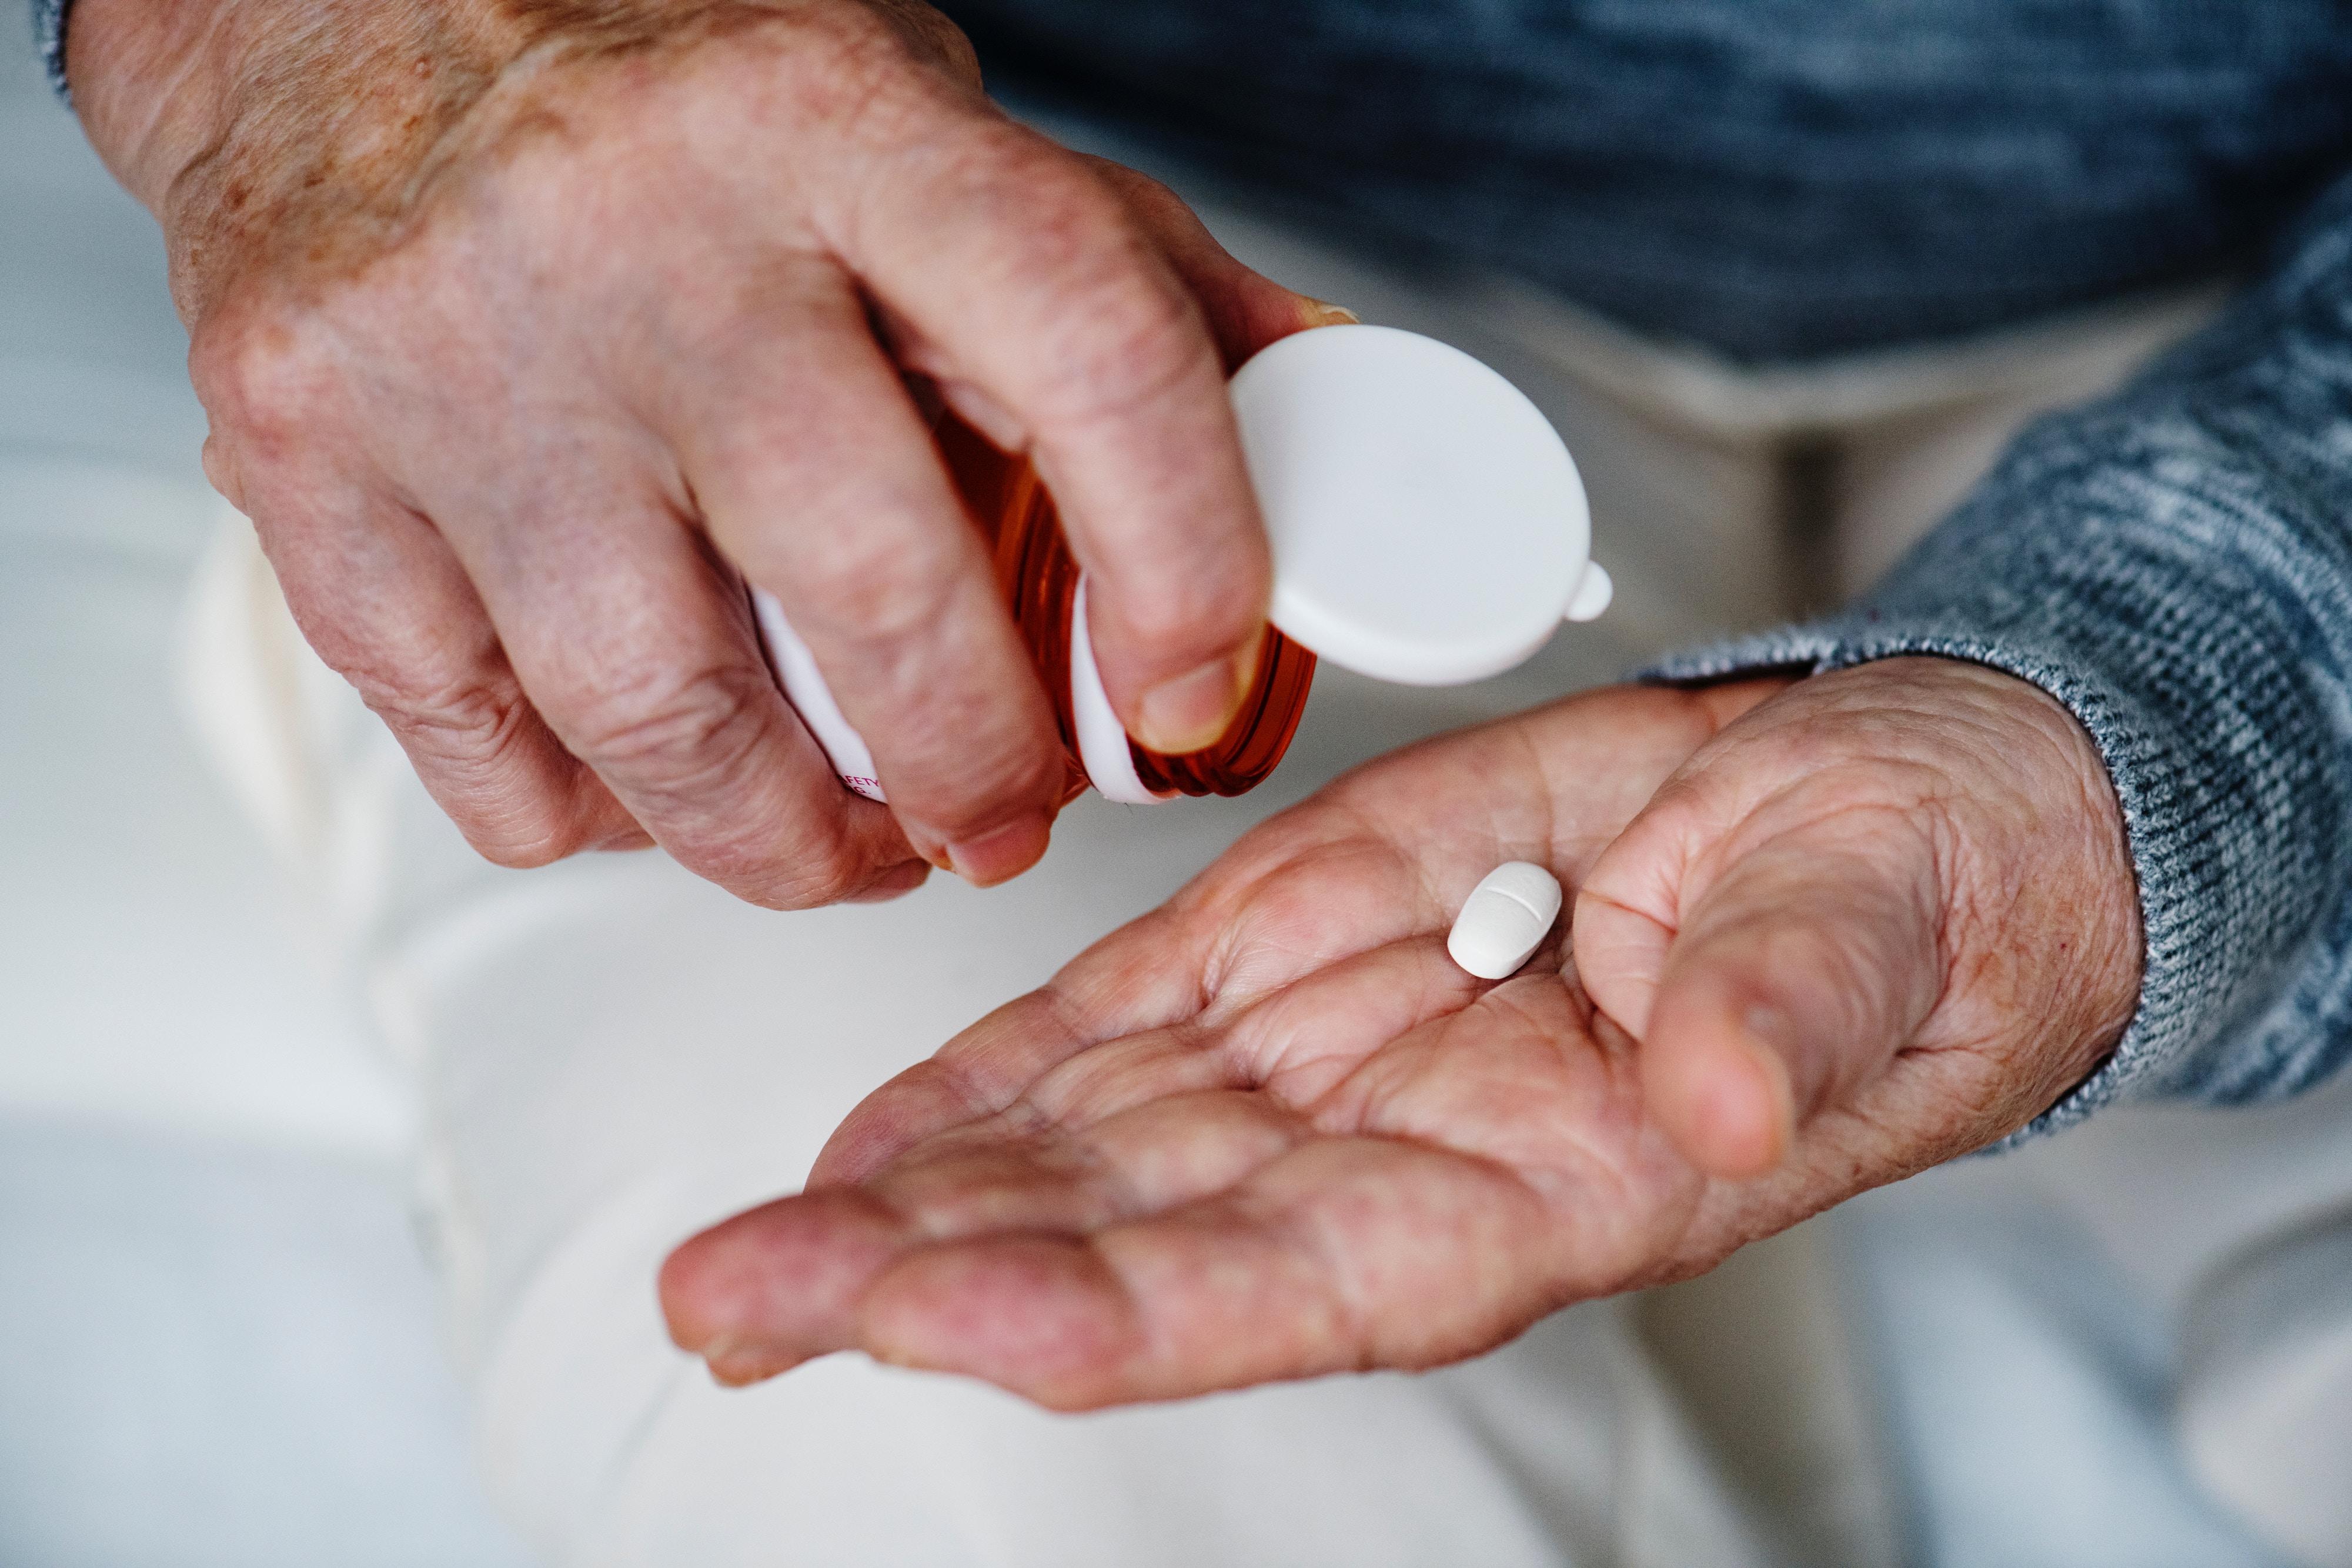 Amoxicillin Clavulanate or Cefaclor Feature Image